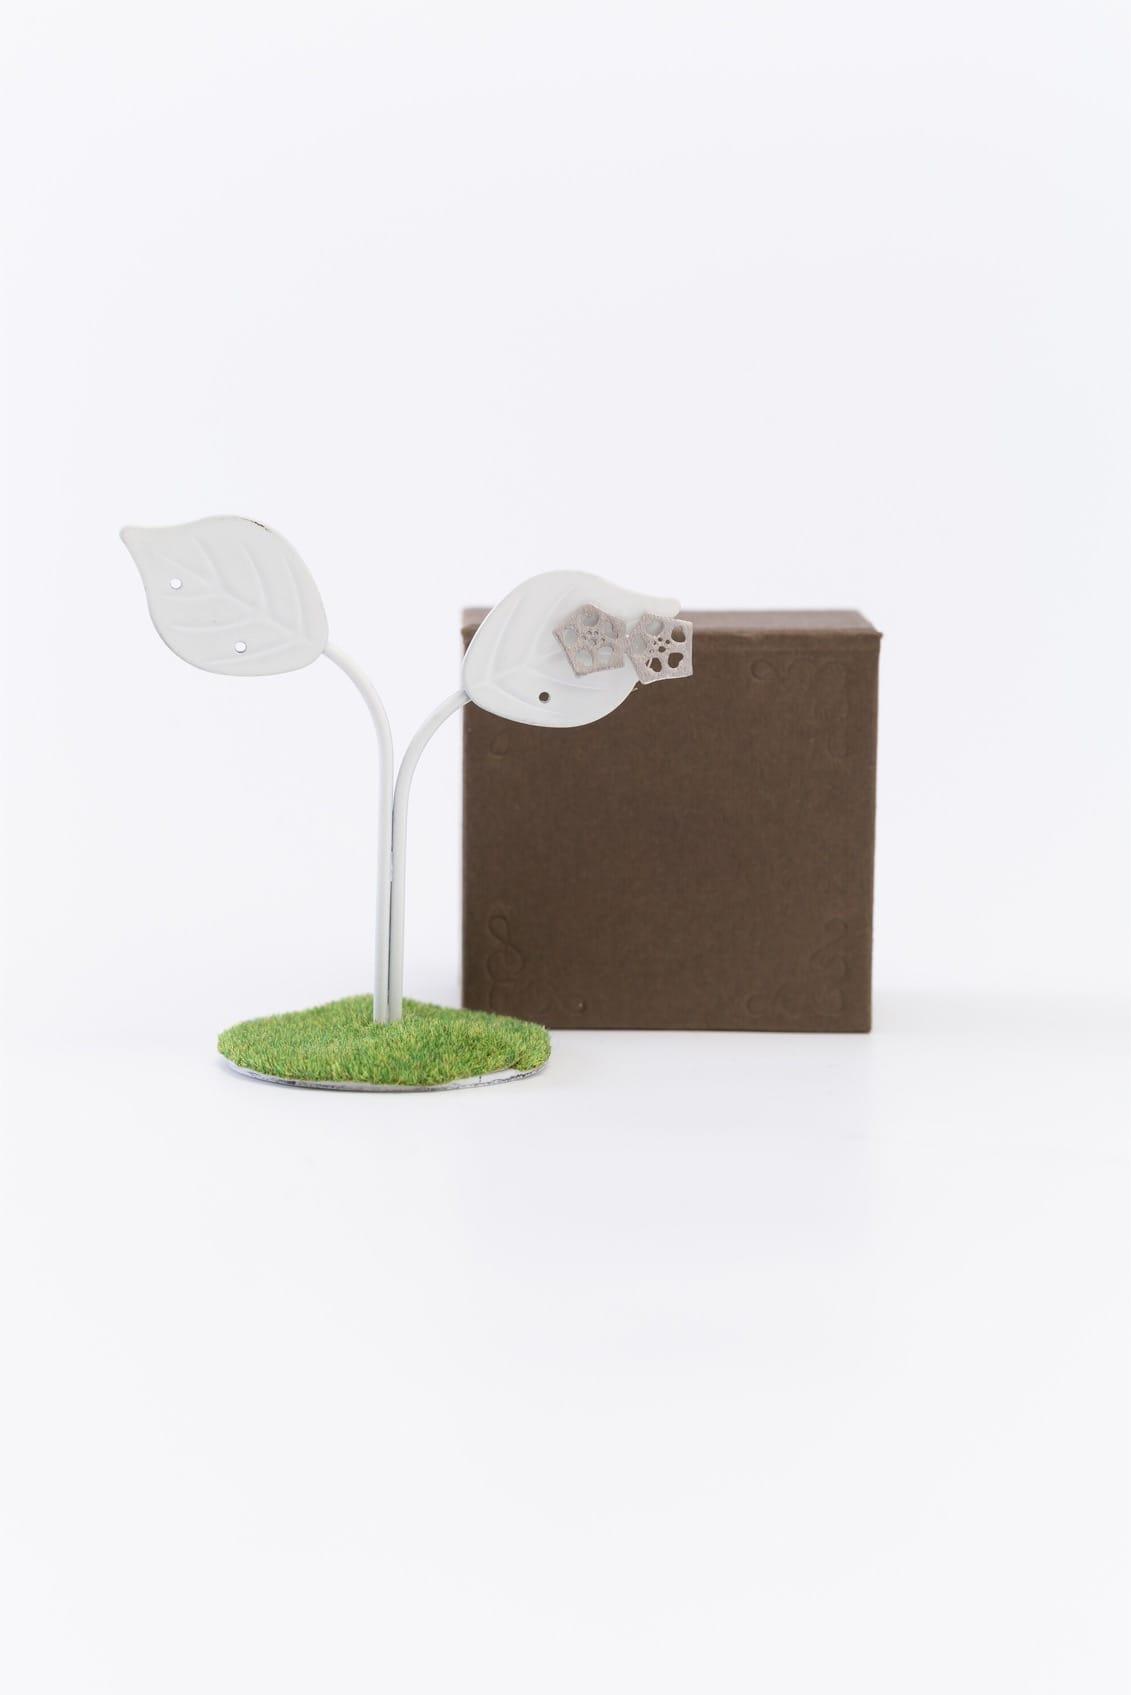 オクラ2個ピンブローチ(銀)箱付きイメージ